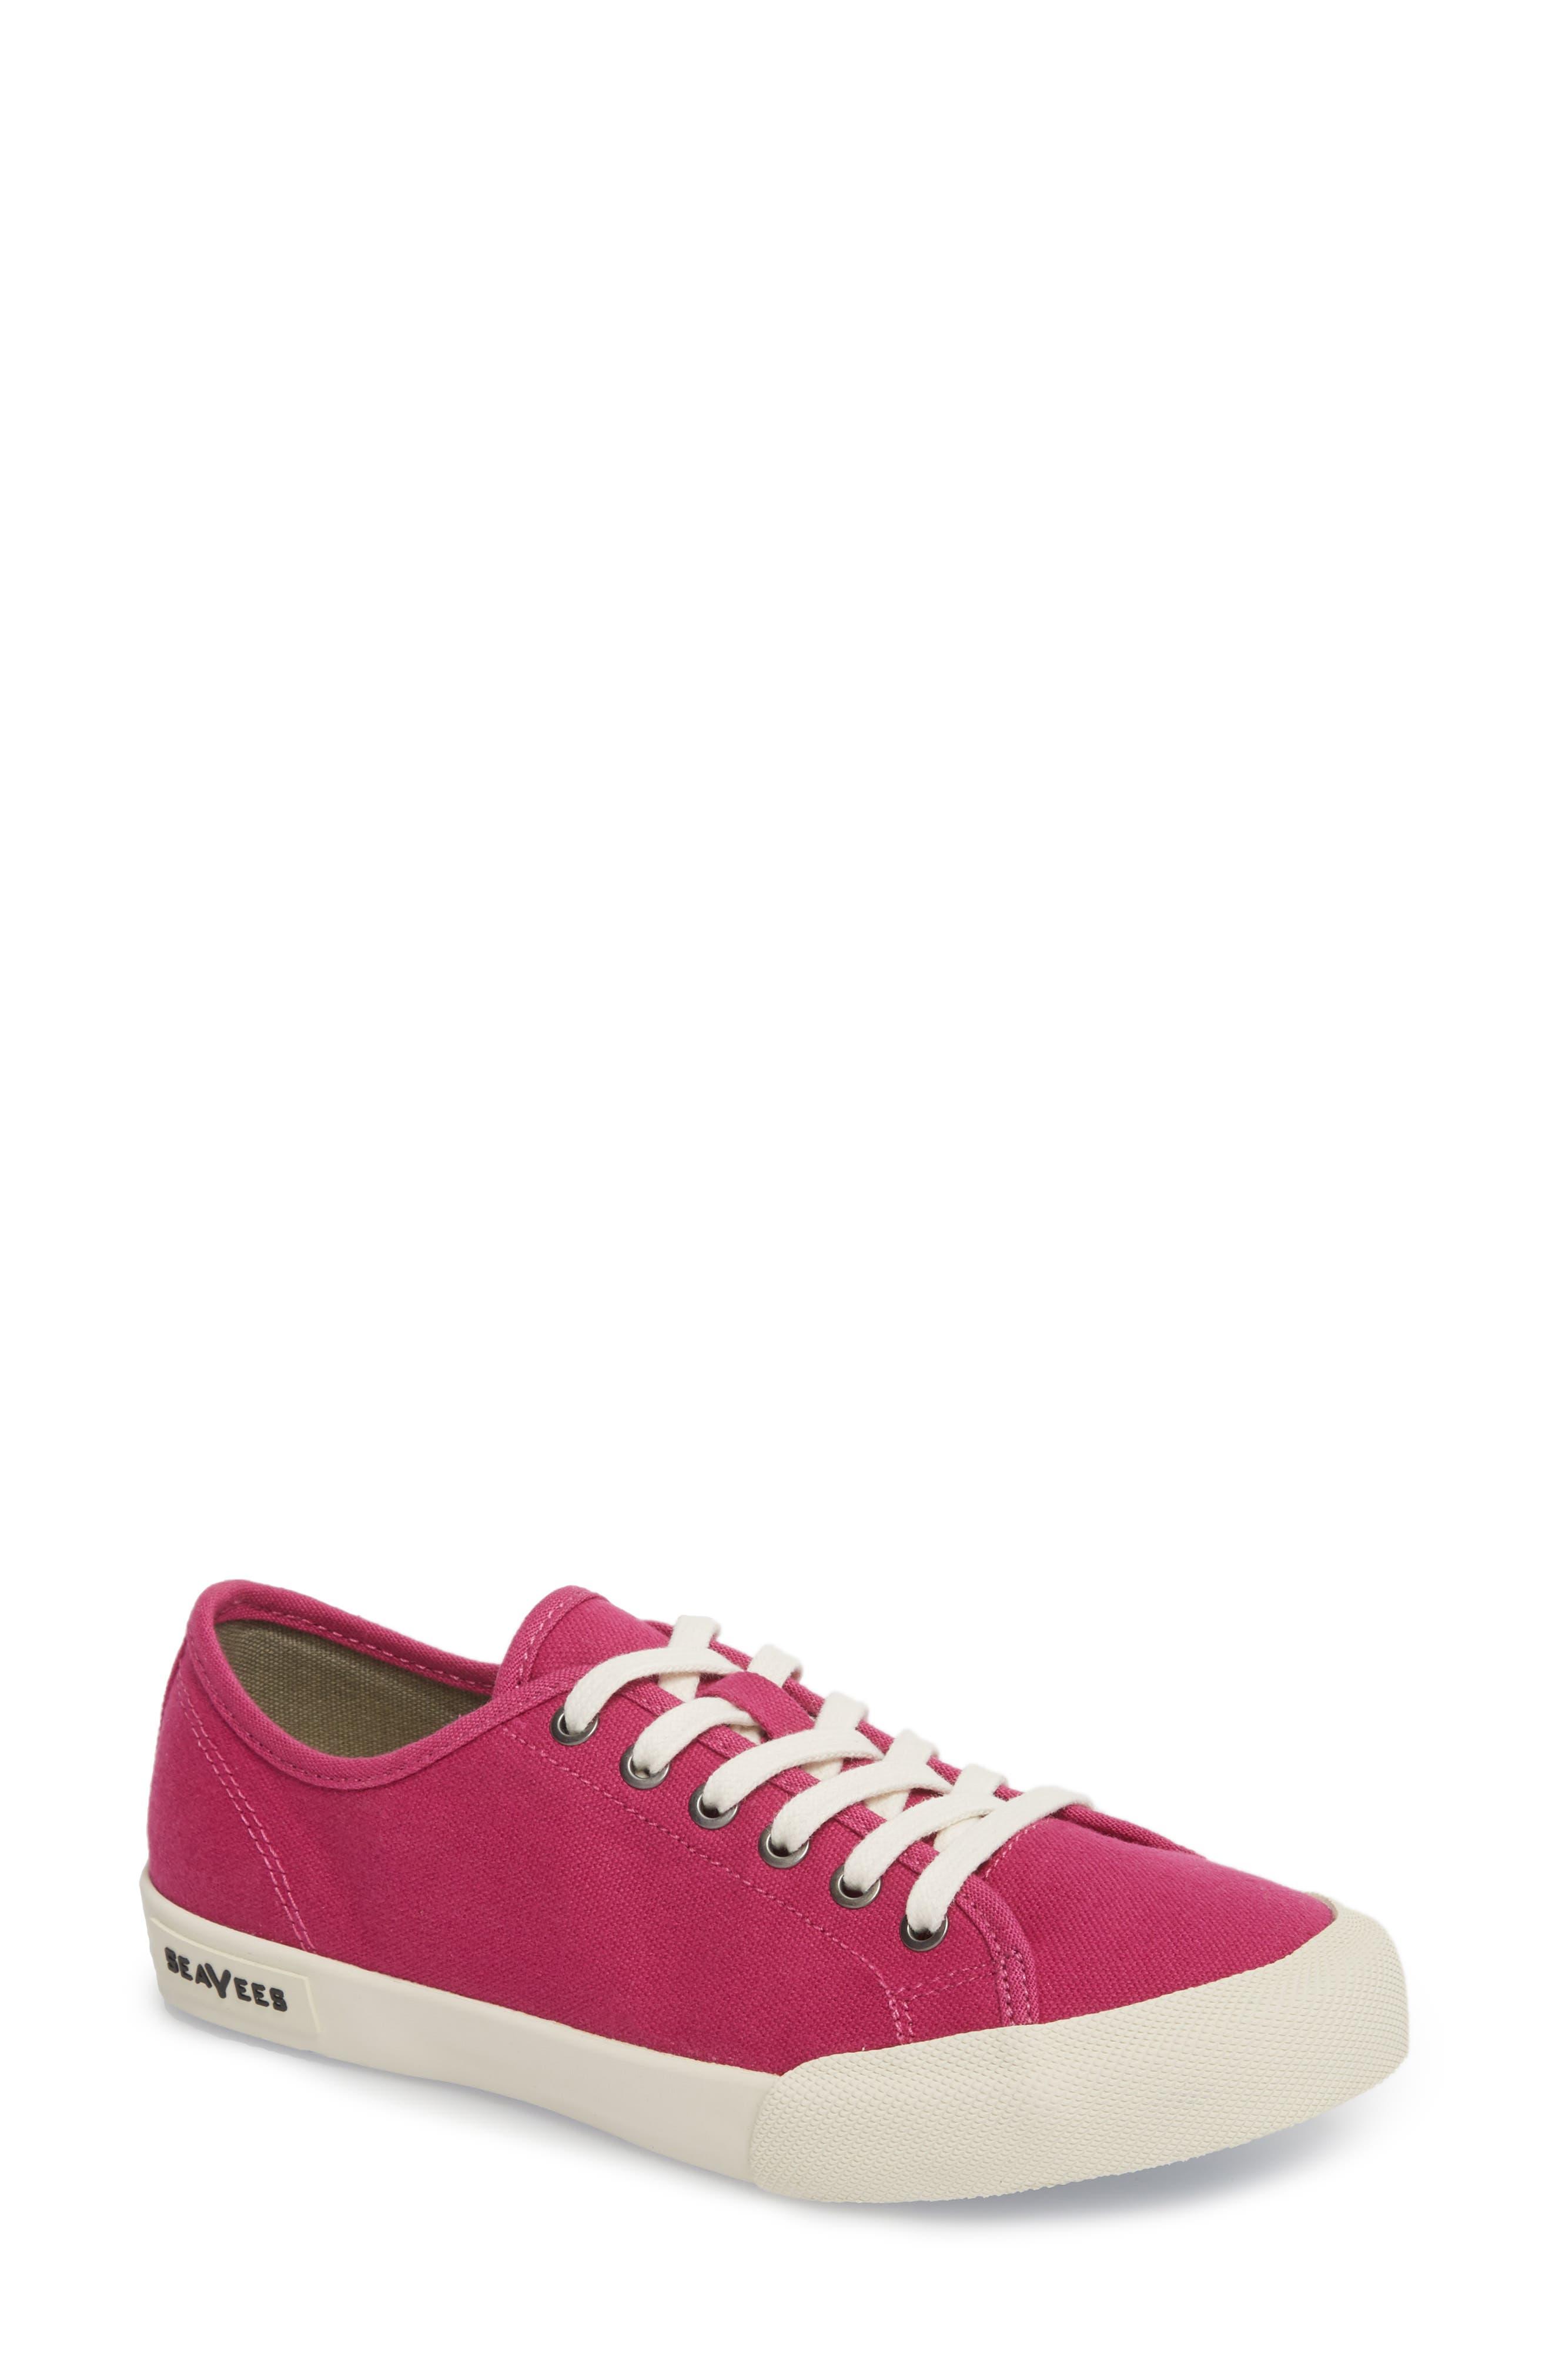 SeaVees \u002706/67 Monterey\u0027 Sneaker (Women)